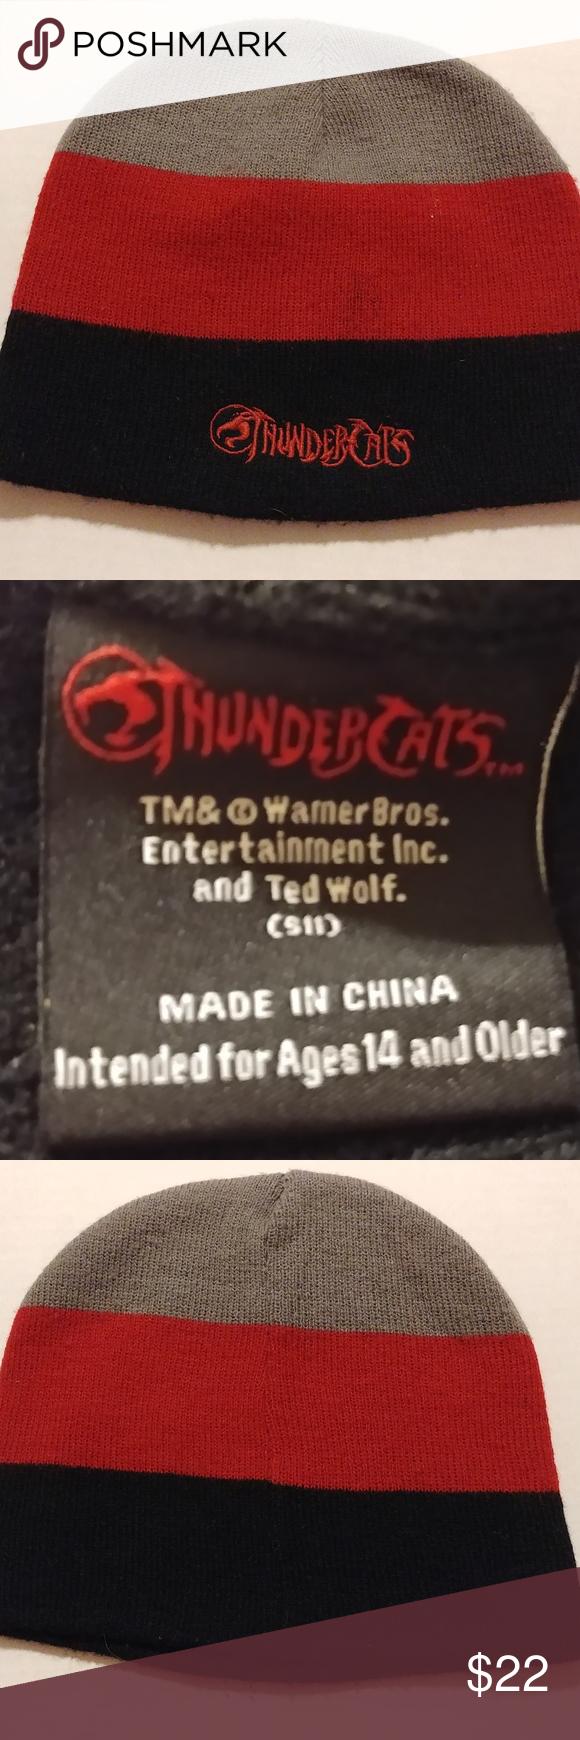 Thundercats beanie Color block, Thundercats, Beanie